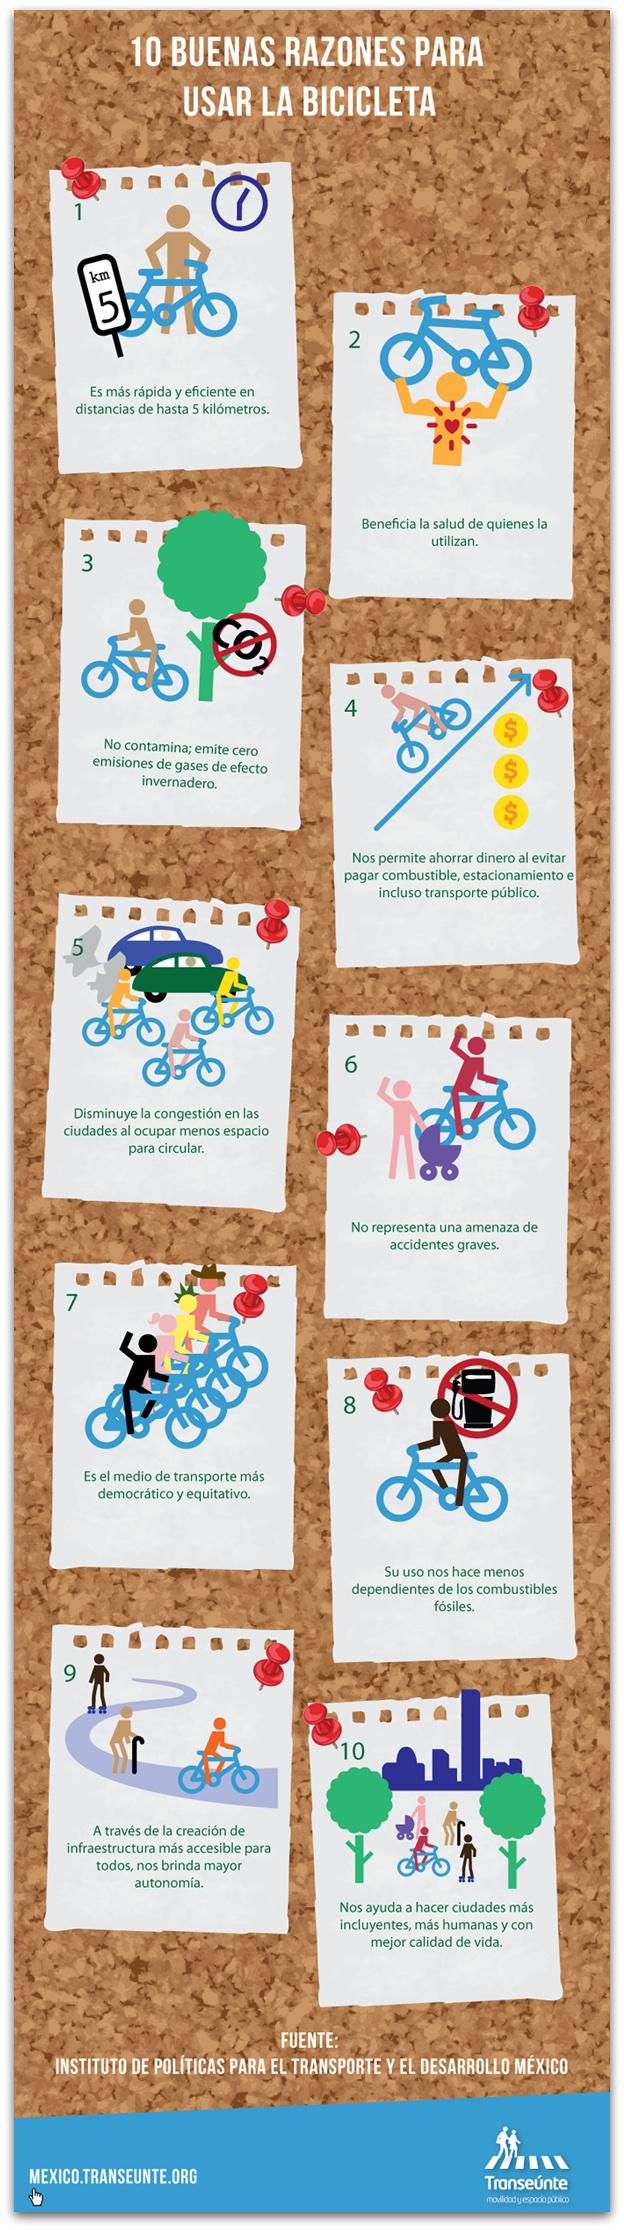 10 buenas razones para usar la bicicleta